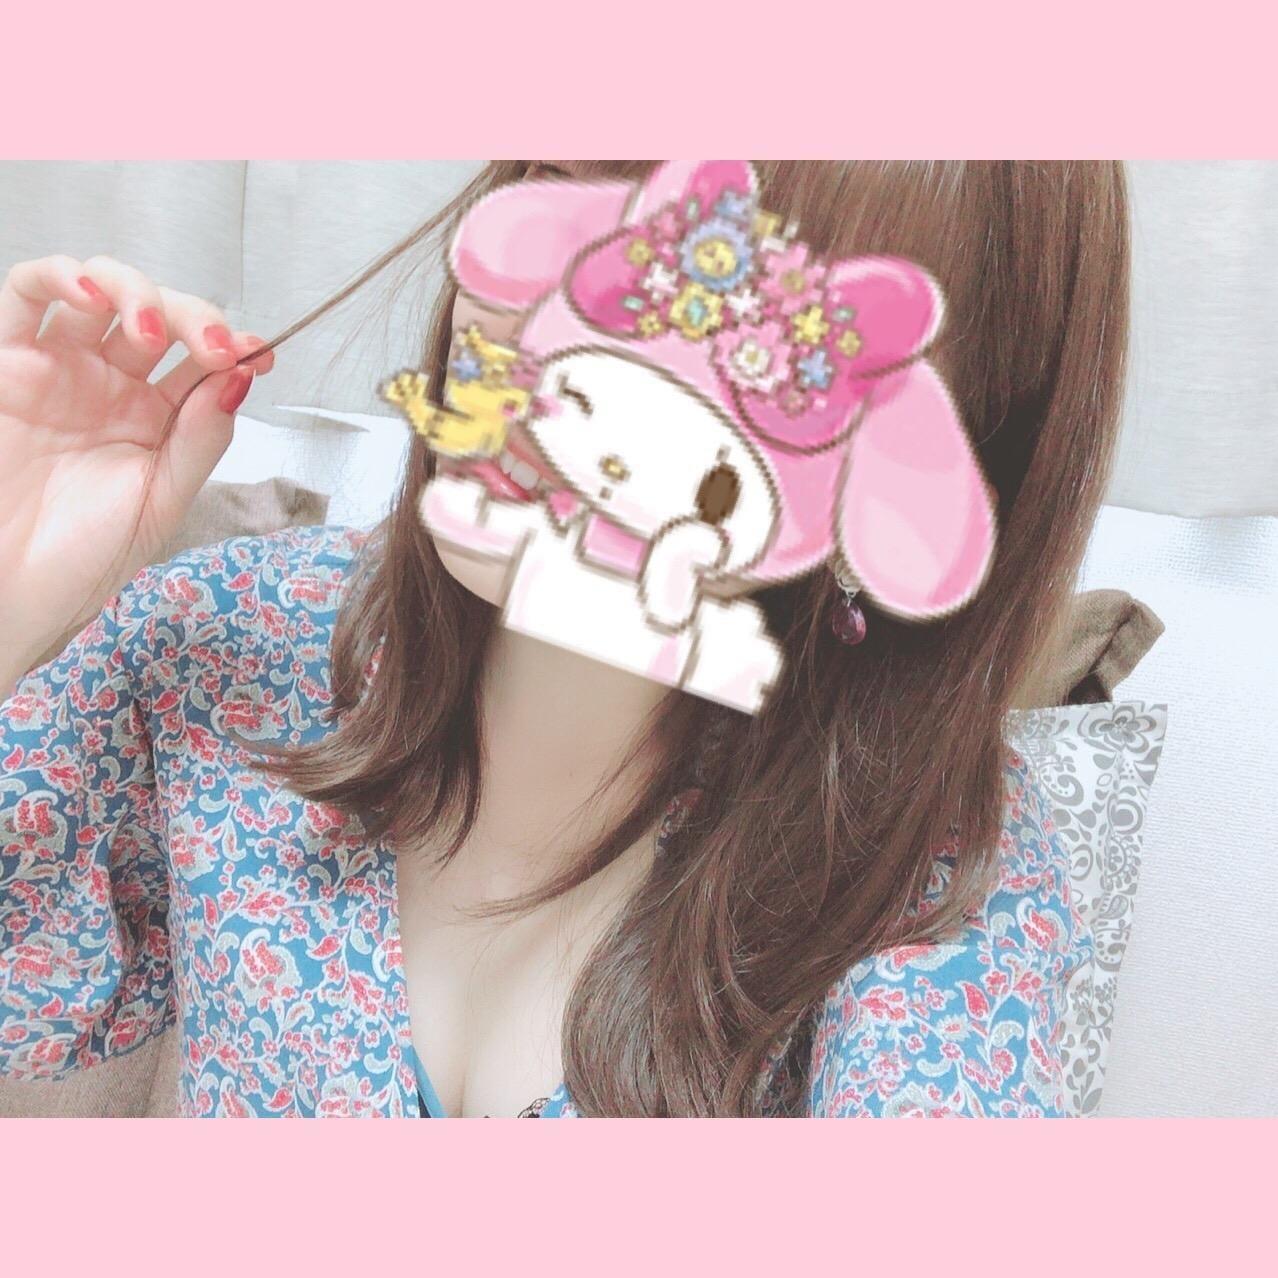 せれな「おはよ☆。.:*・゜」09/17(火) 05:38 | せれなの写メ・風俗動画